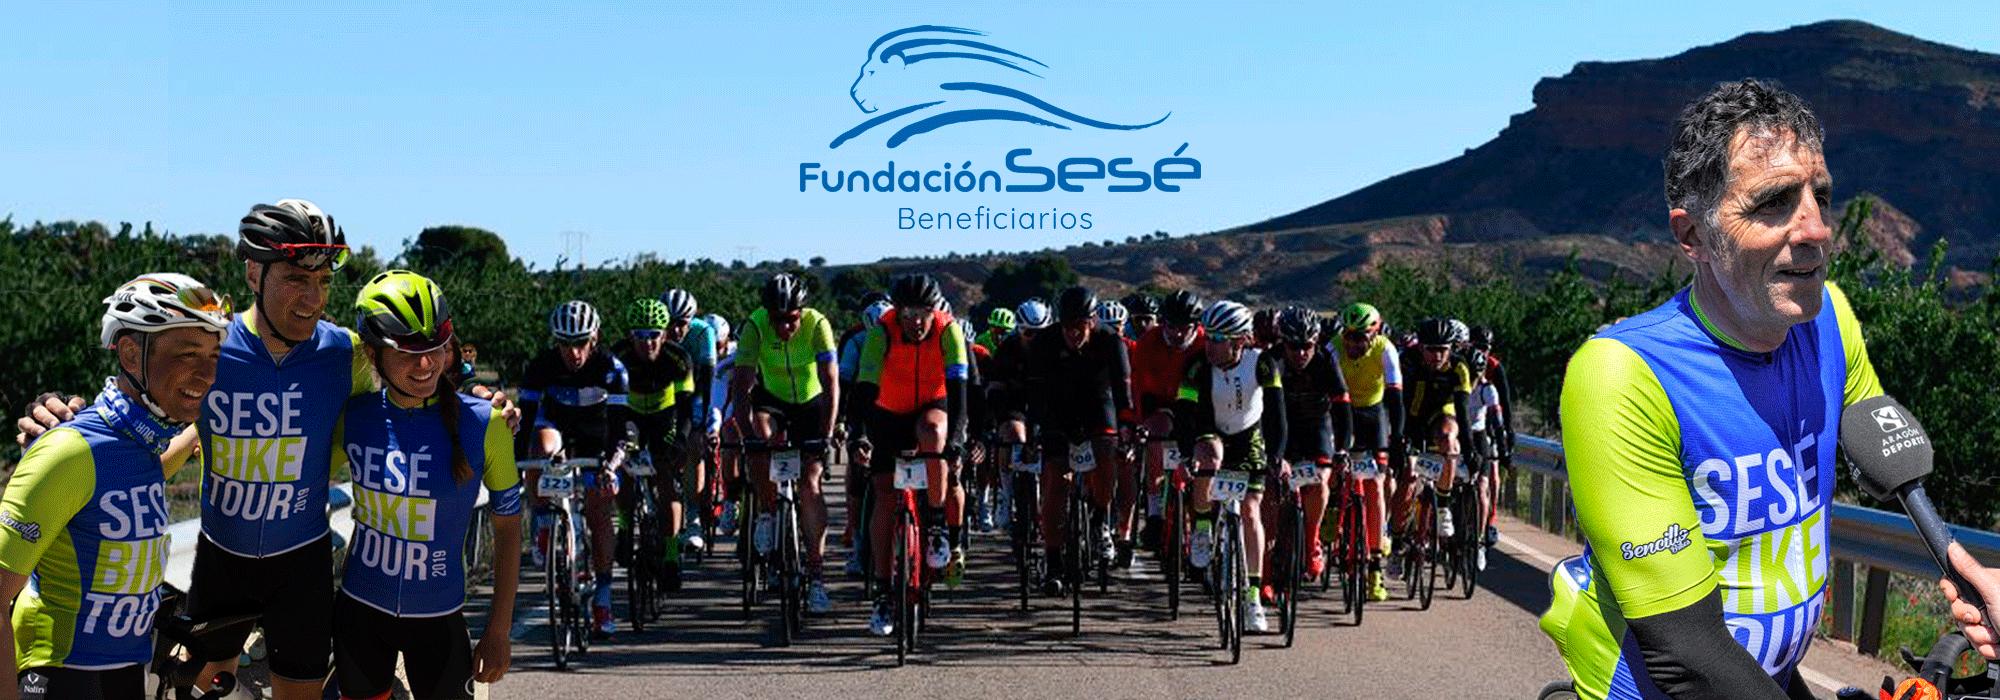 beneficiarios-sese-bike-tour